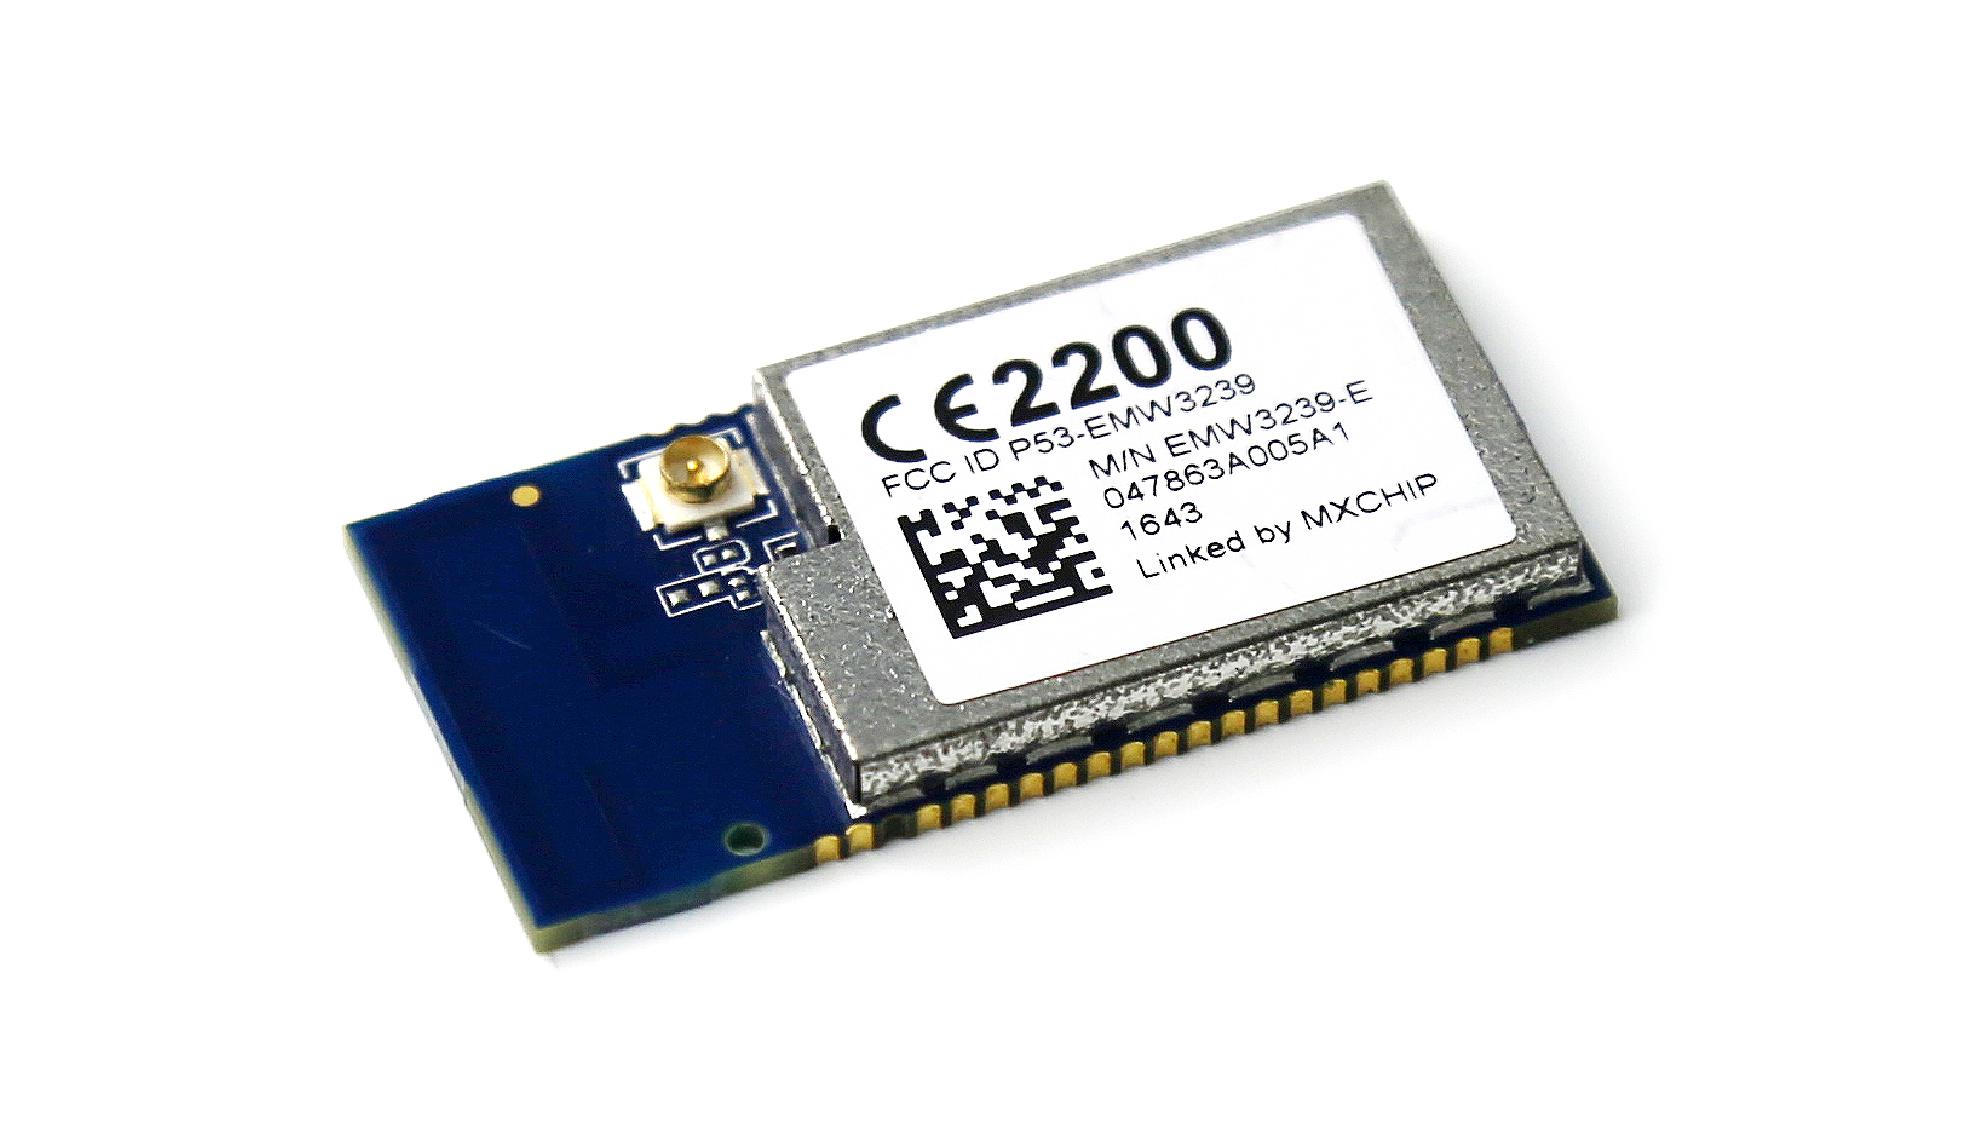 浅谈Wi-Fi&BT4.1嵌入式模块——EMW3239